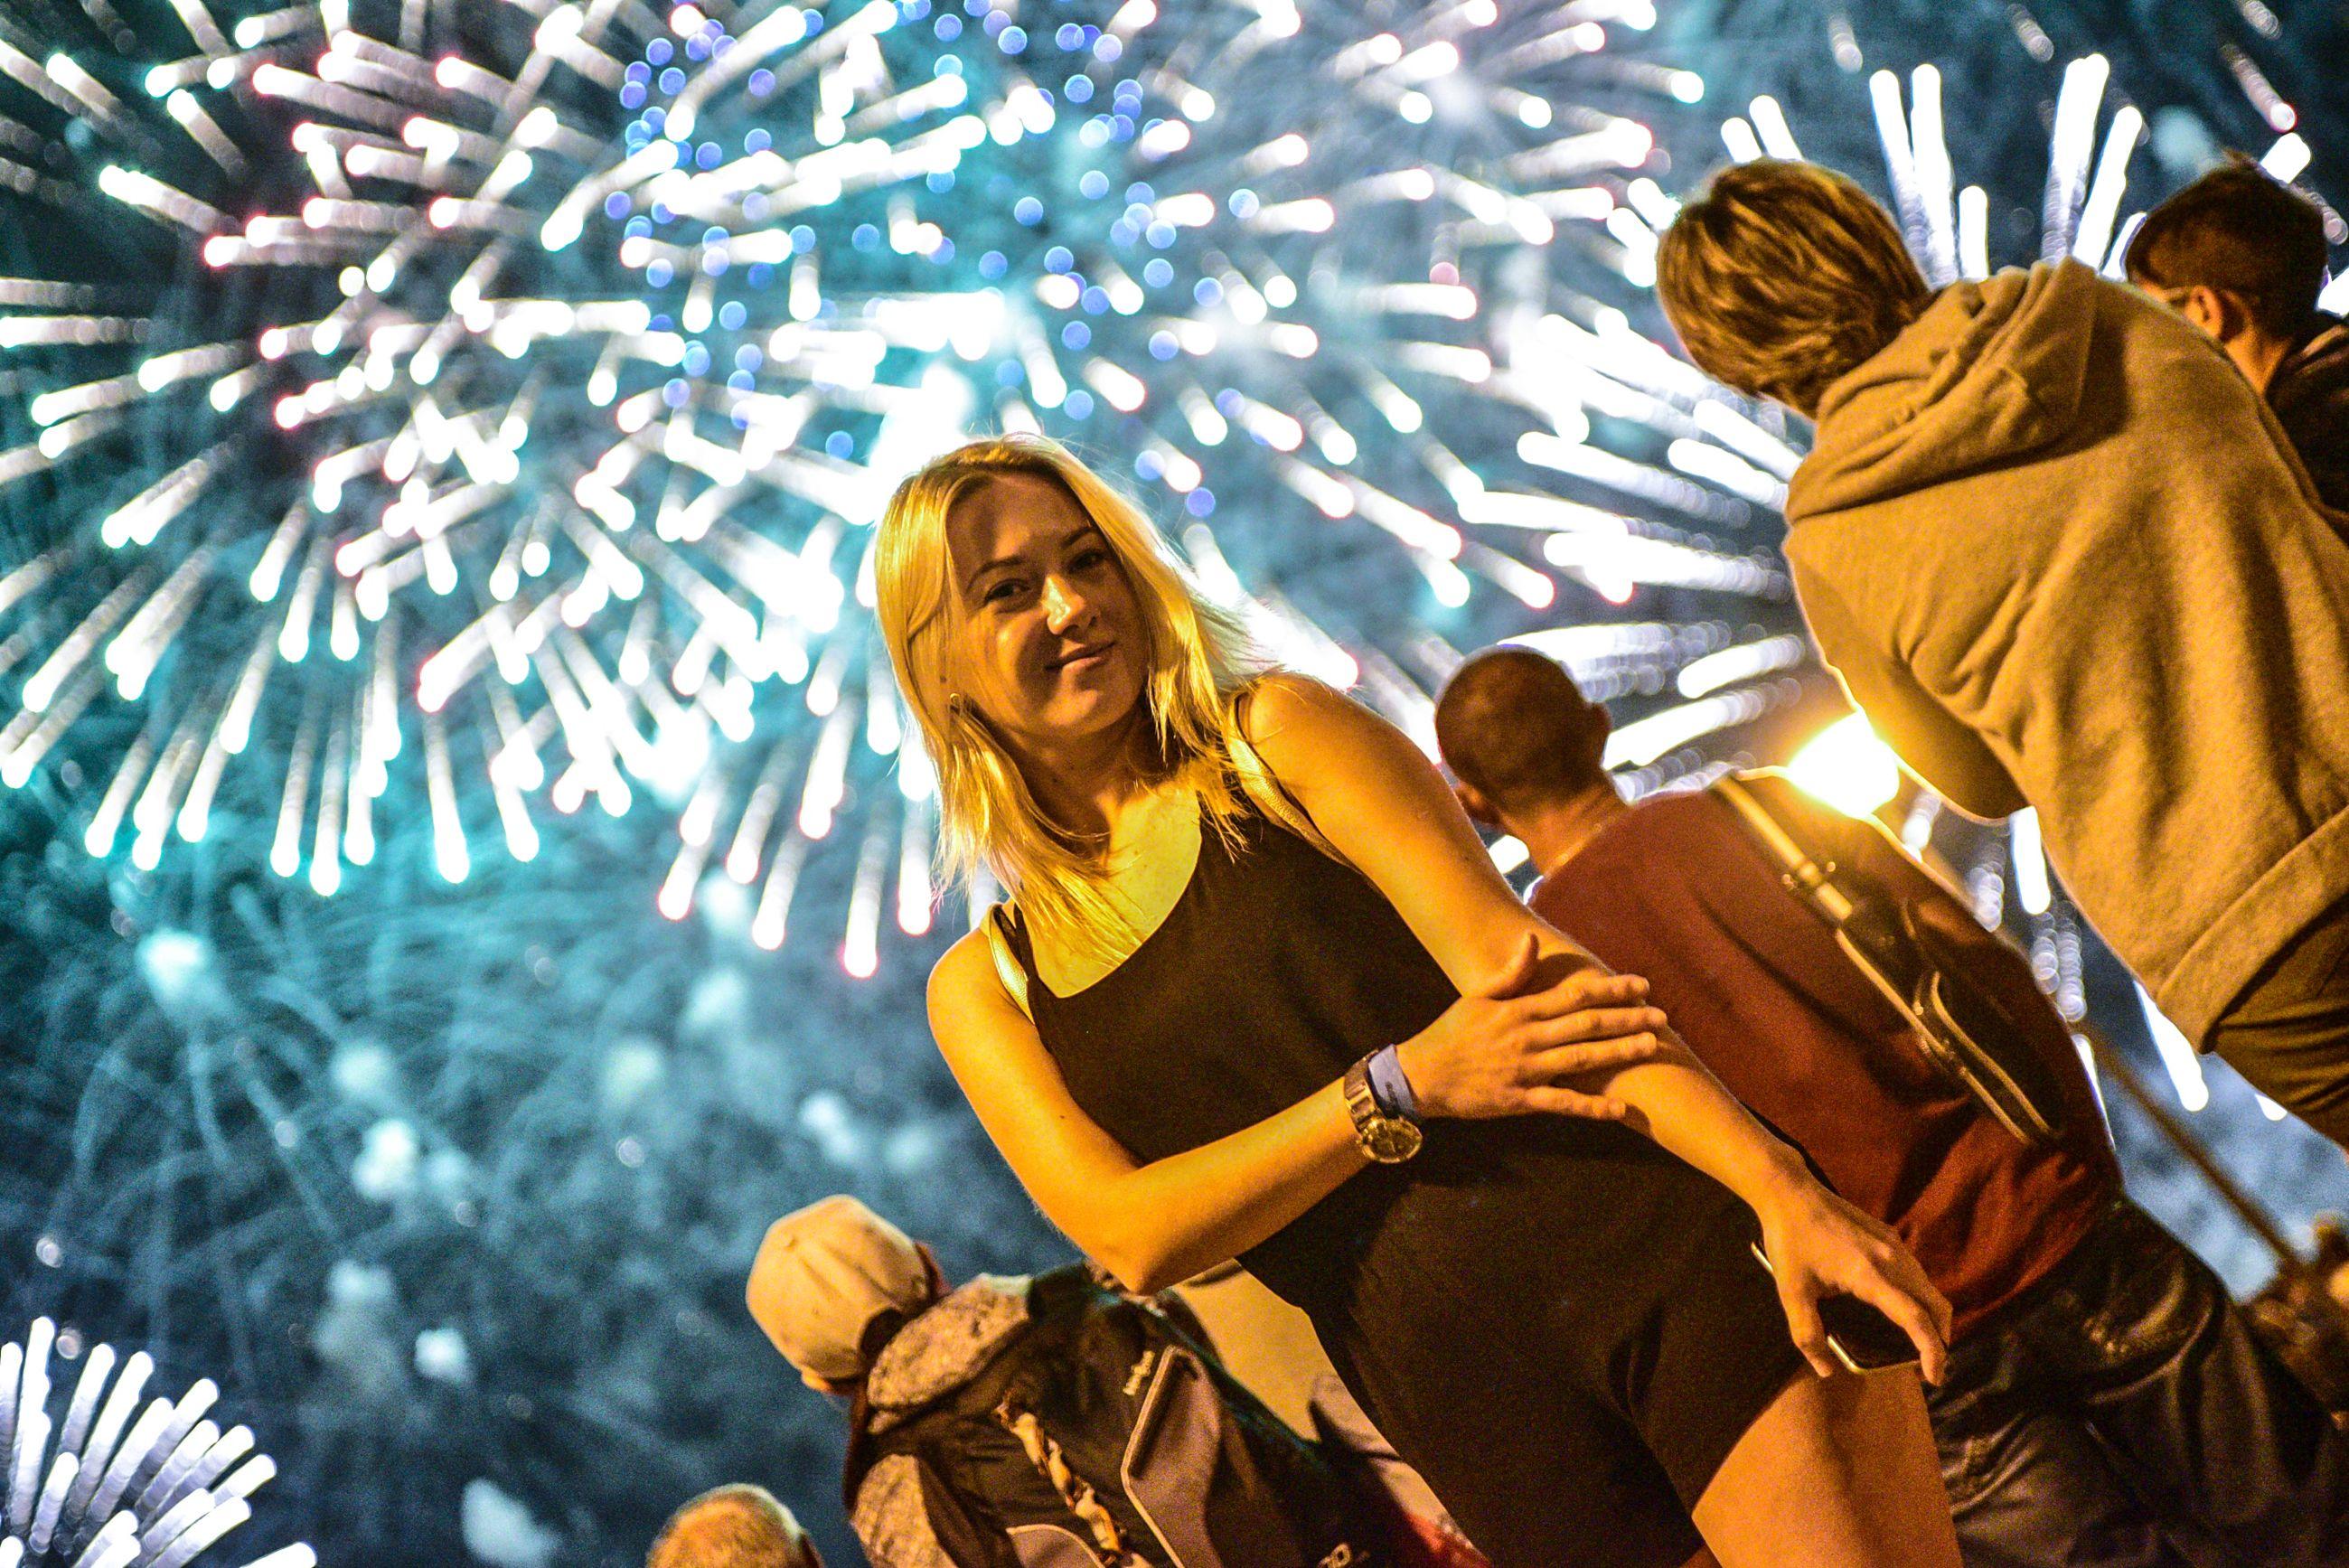 Залпы фейерверков раскрасят небо над Братеевским парком